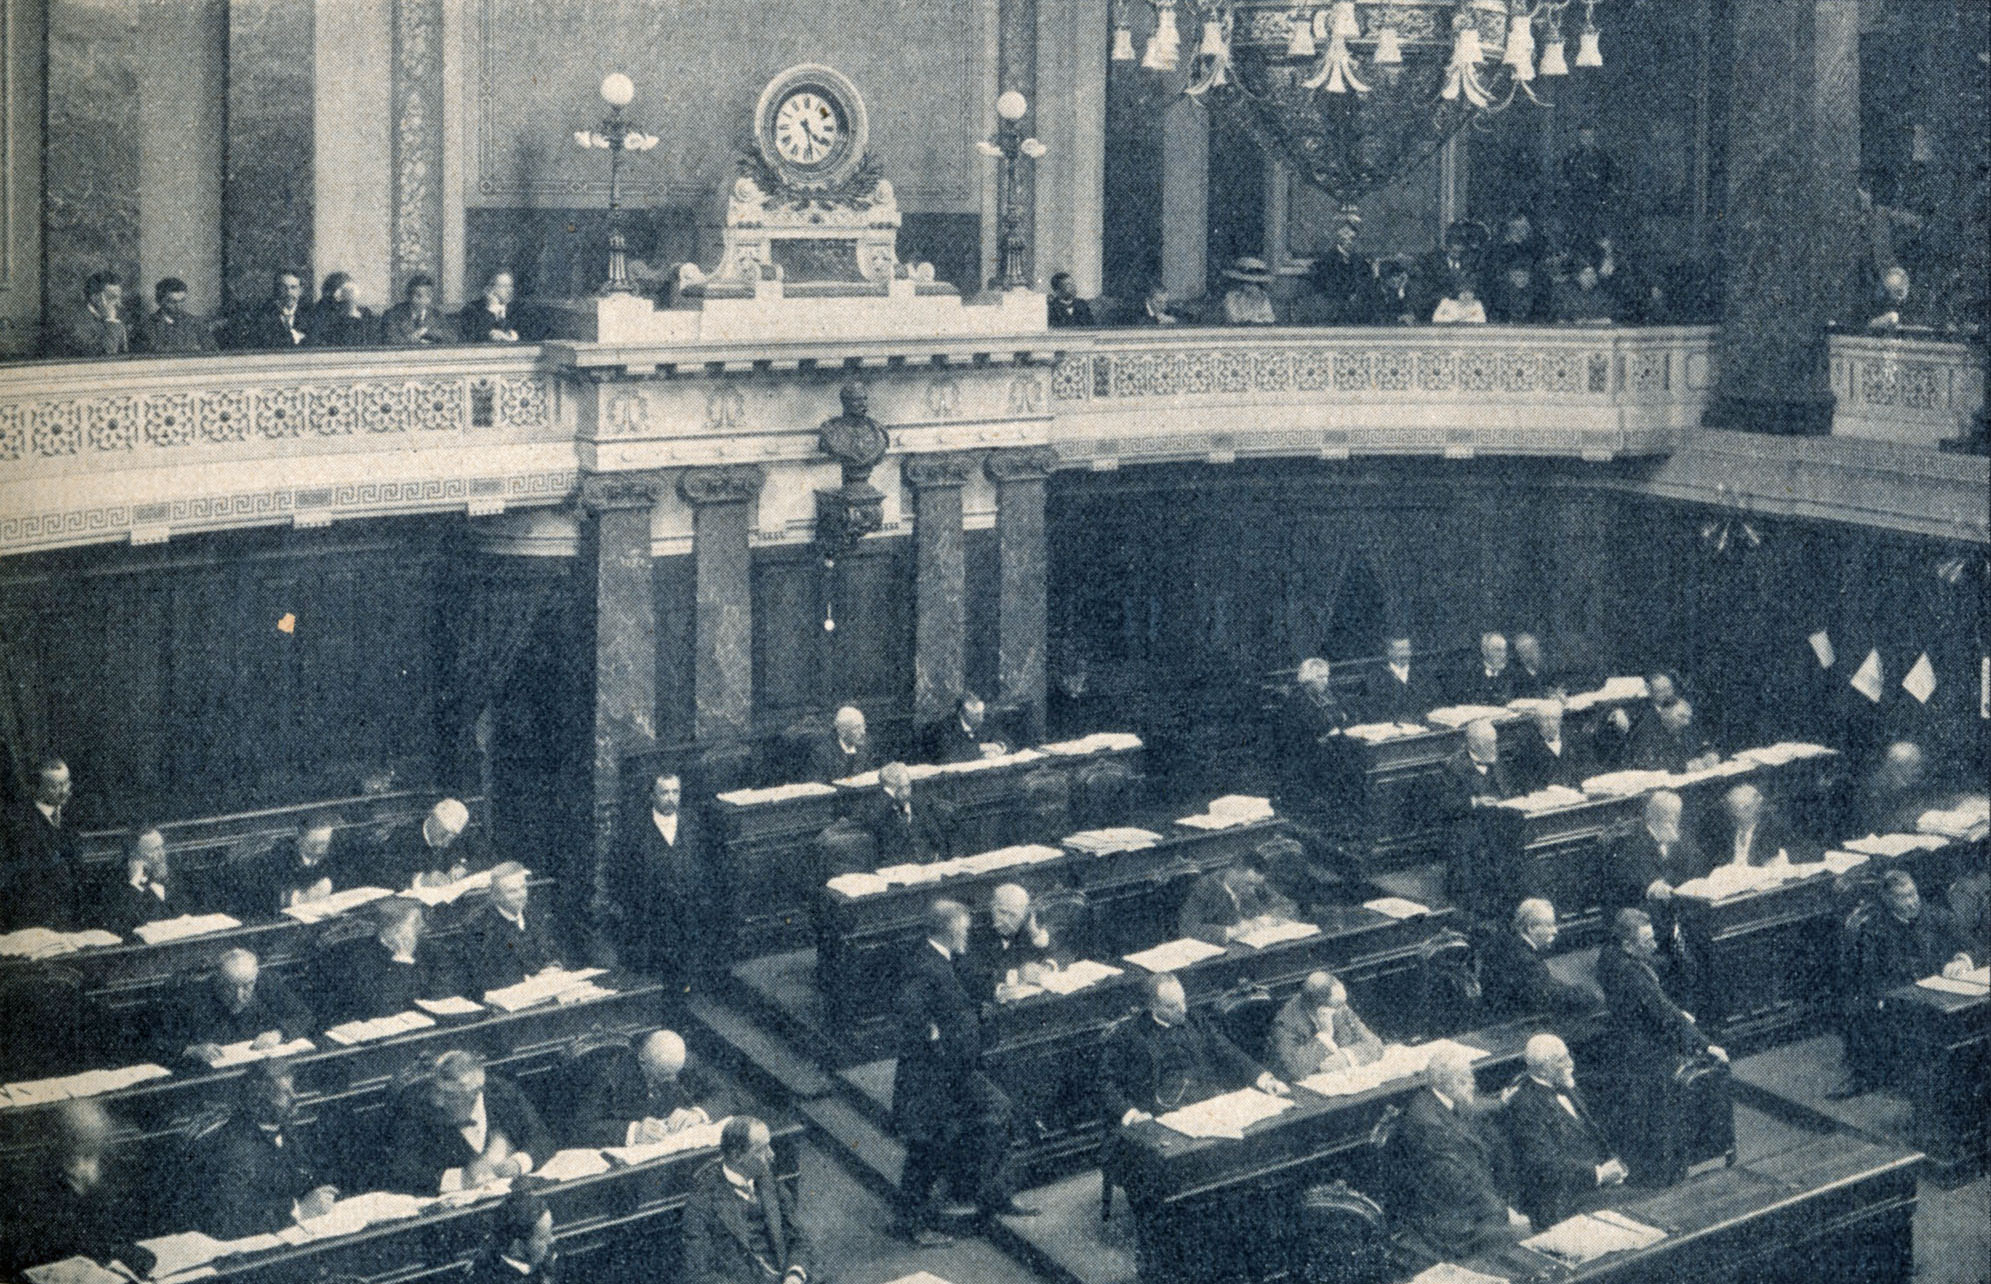 woche-1911-1.-nr.19-s.793-sitzungsaal-landesausschutzgebaeude-strassburg-